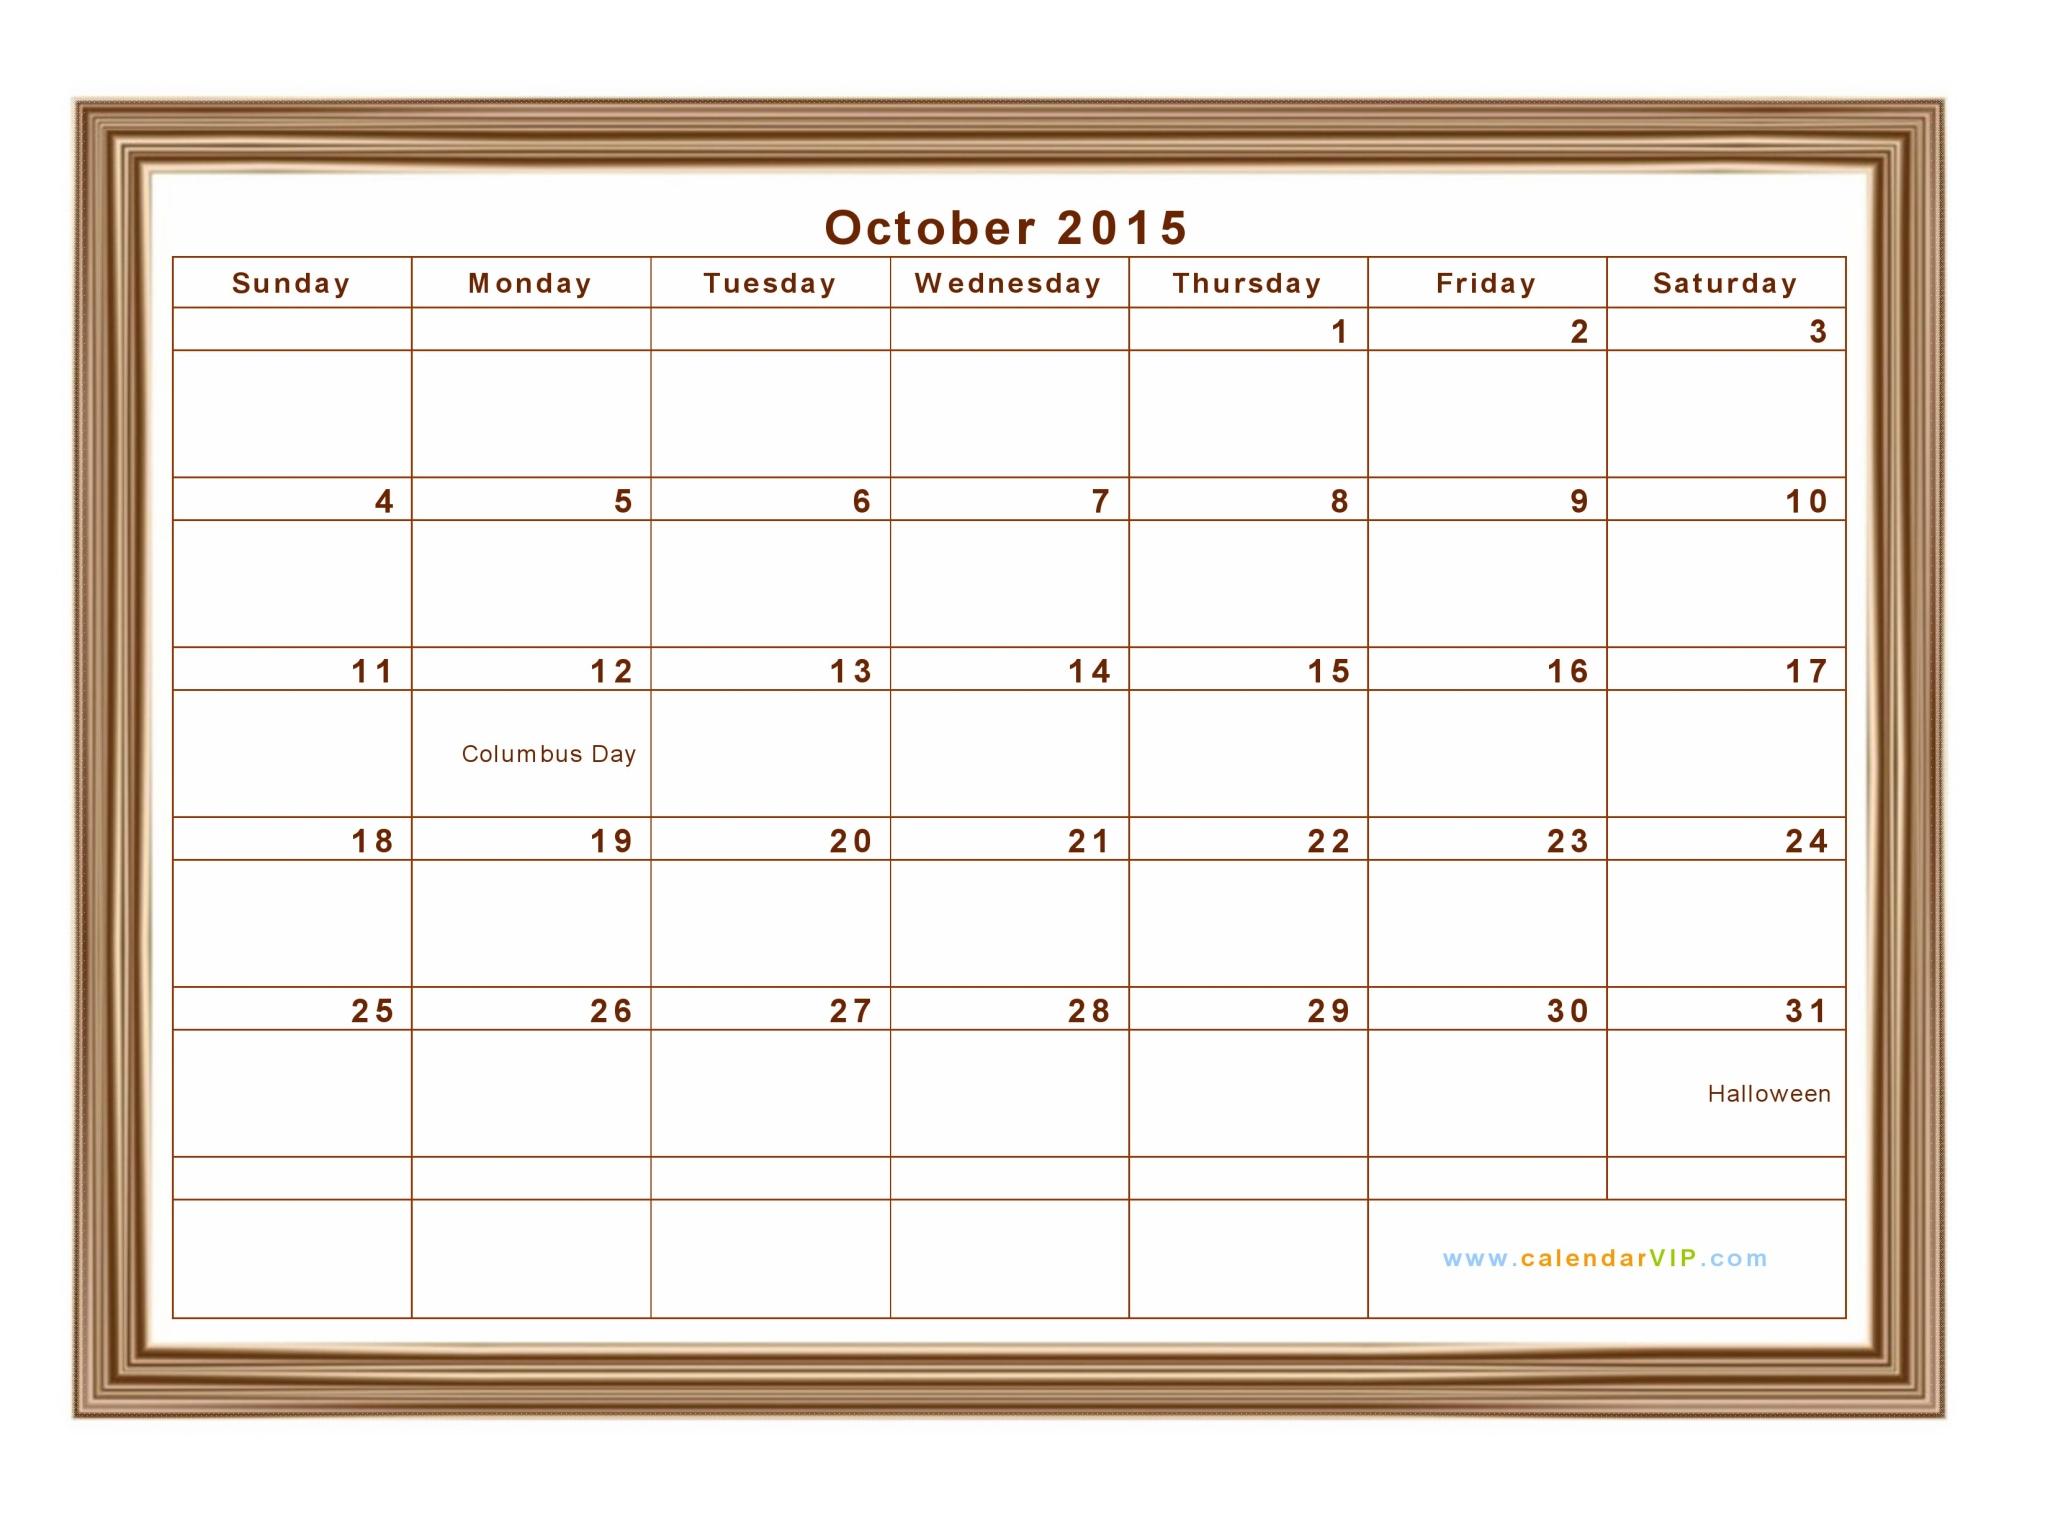 oct 2015 calendar template